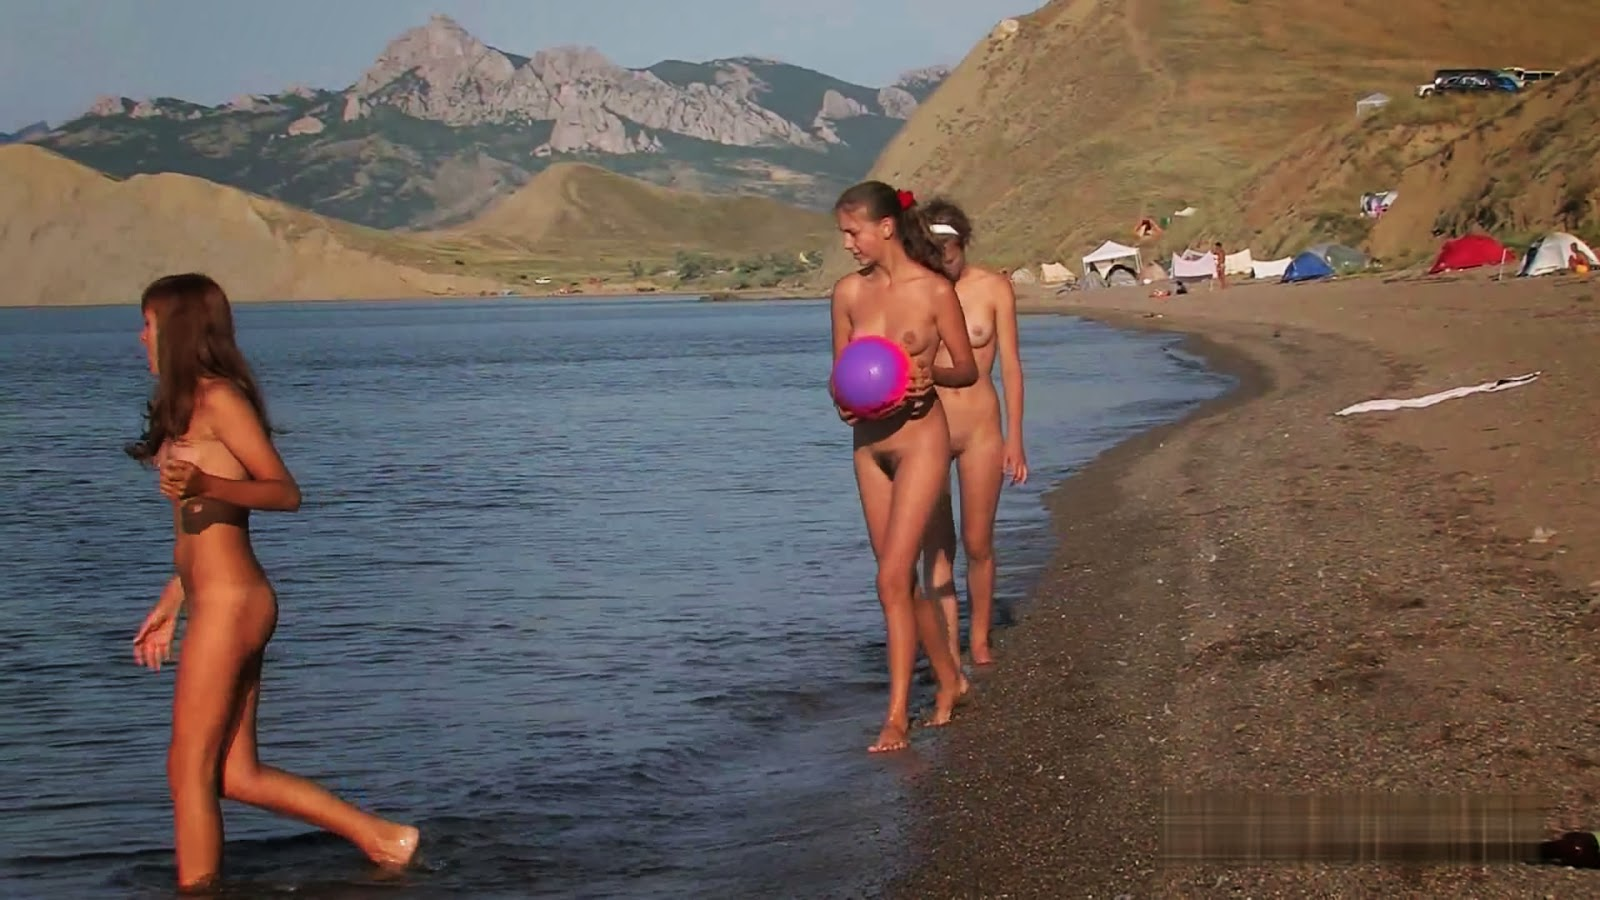 golaya-devushka-na-obskom-more